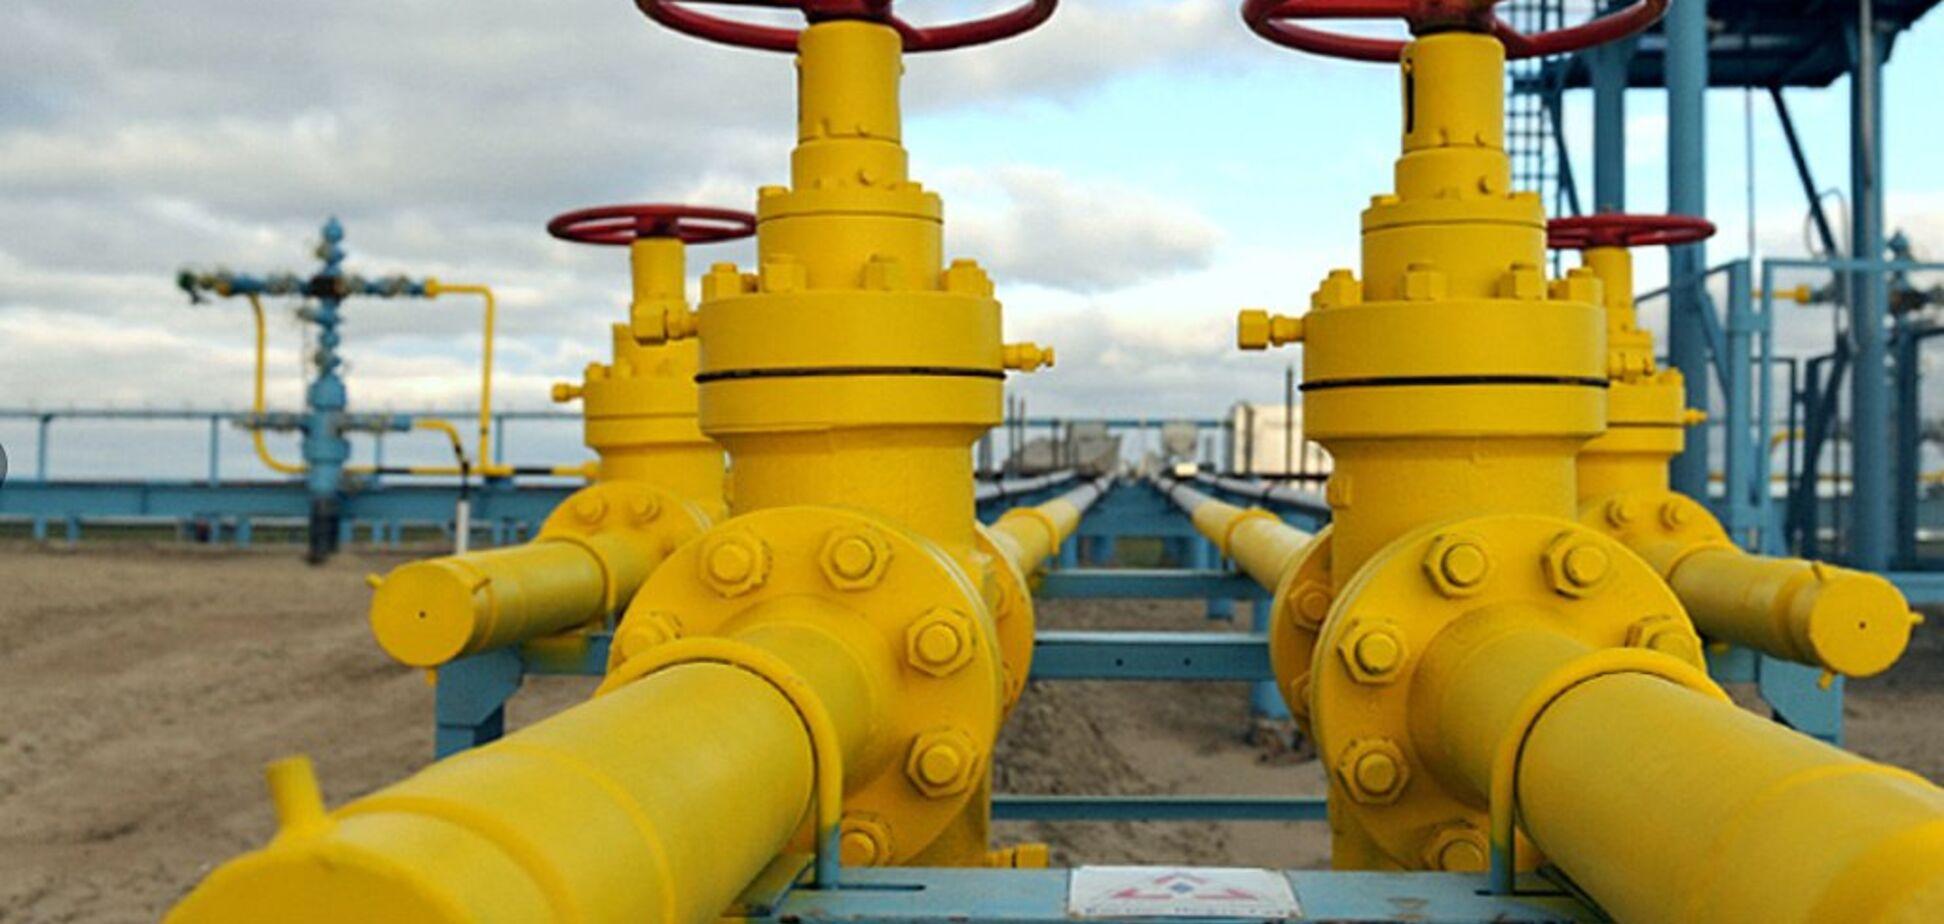 Україна може повністю відмовитися від імпорту газу: озвучено дату